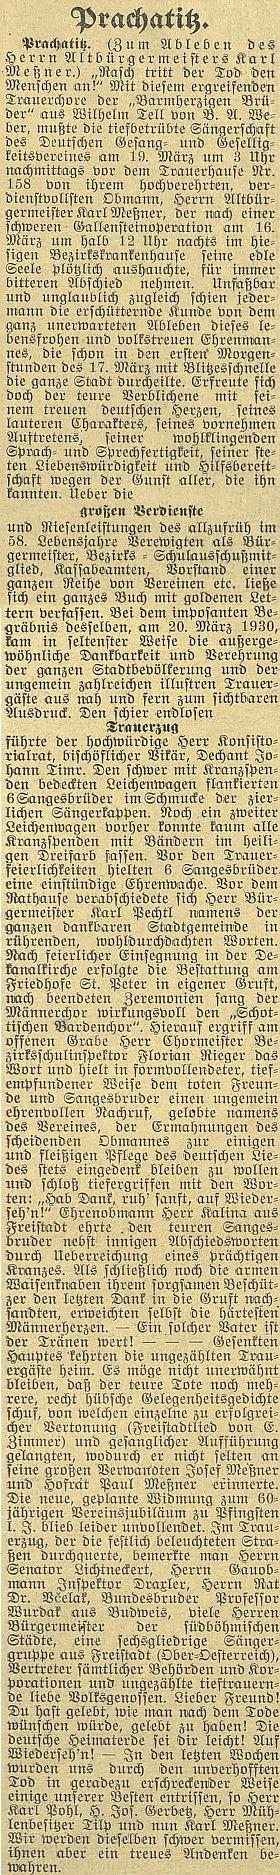 O významu Messnerově pro město Prachatice svědčí itento jeho obsáhlý nekrolog na stránkách budějovického německého listu